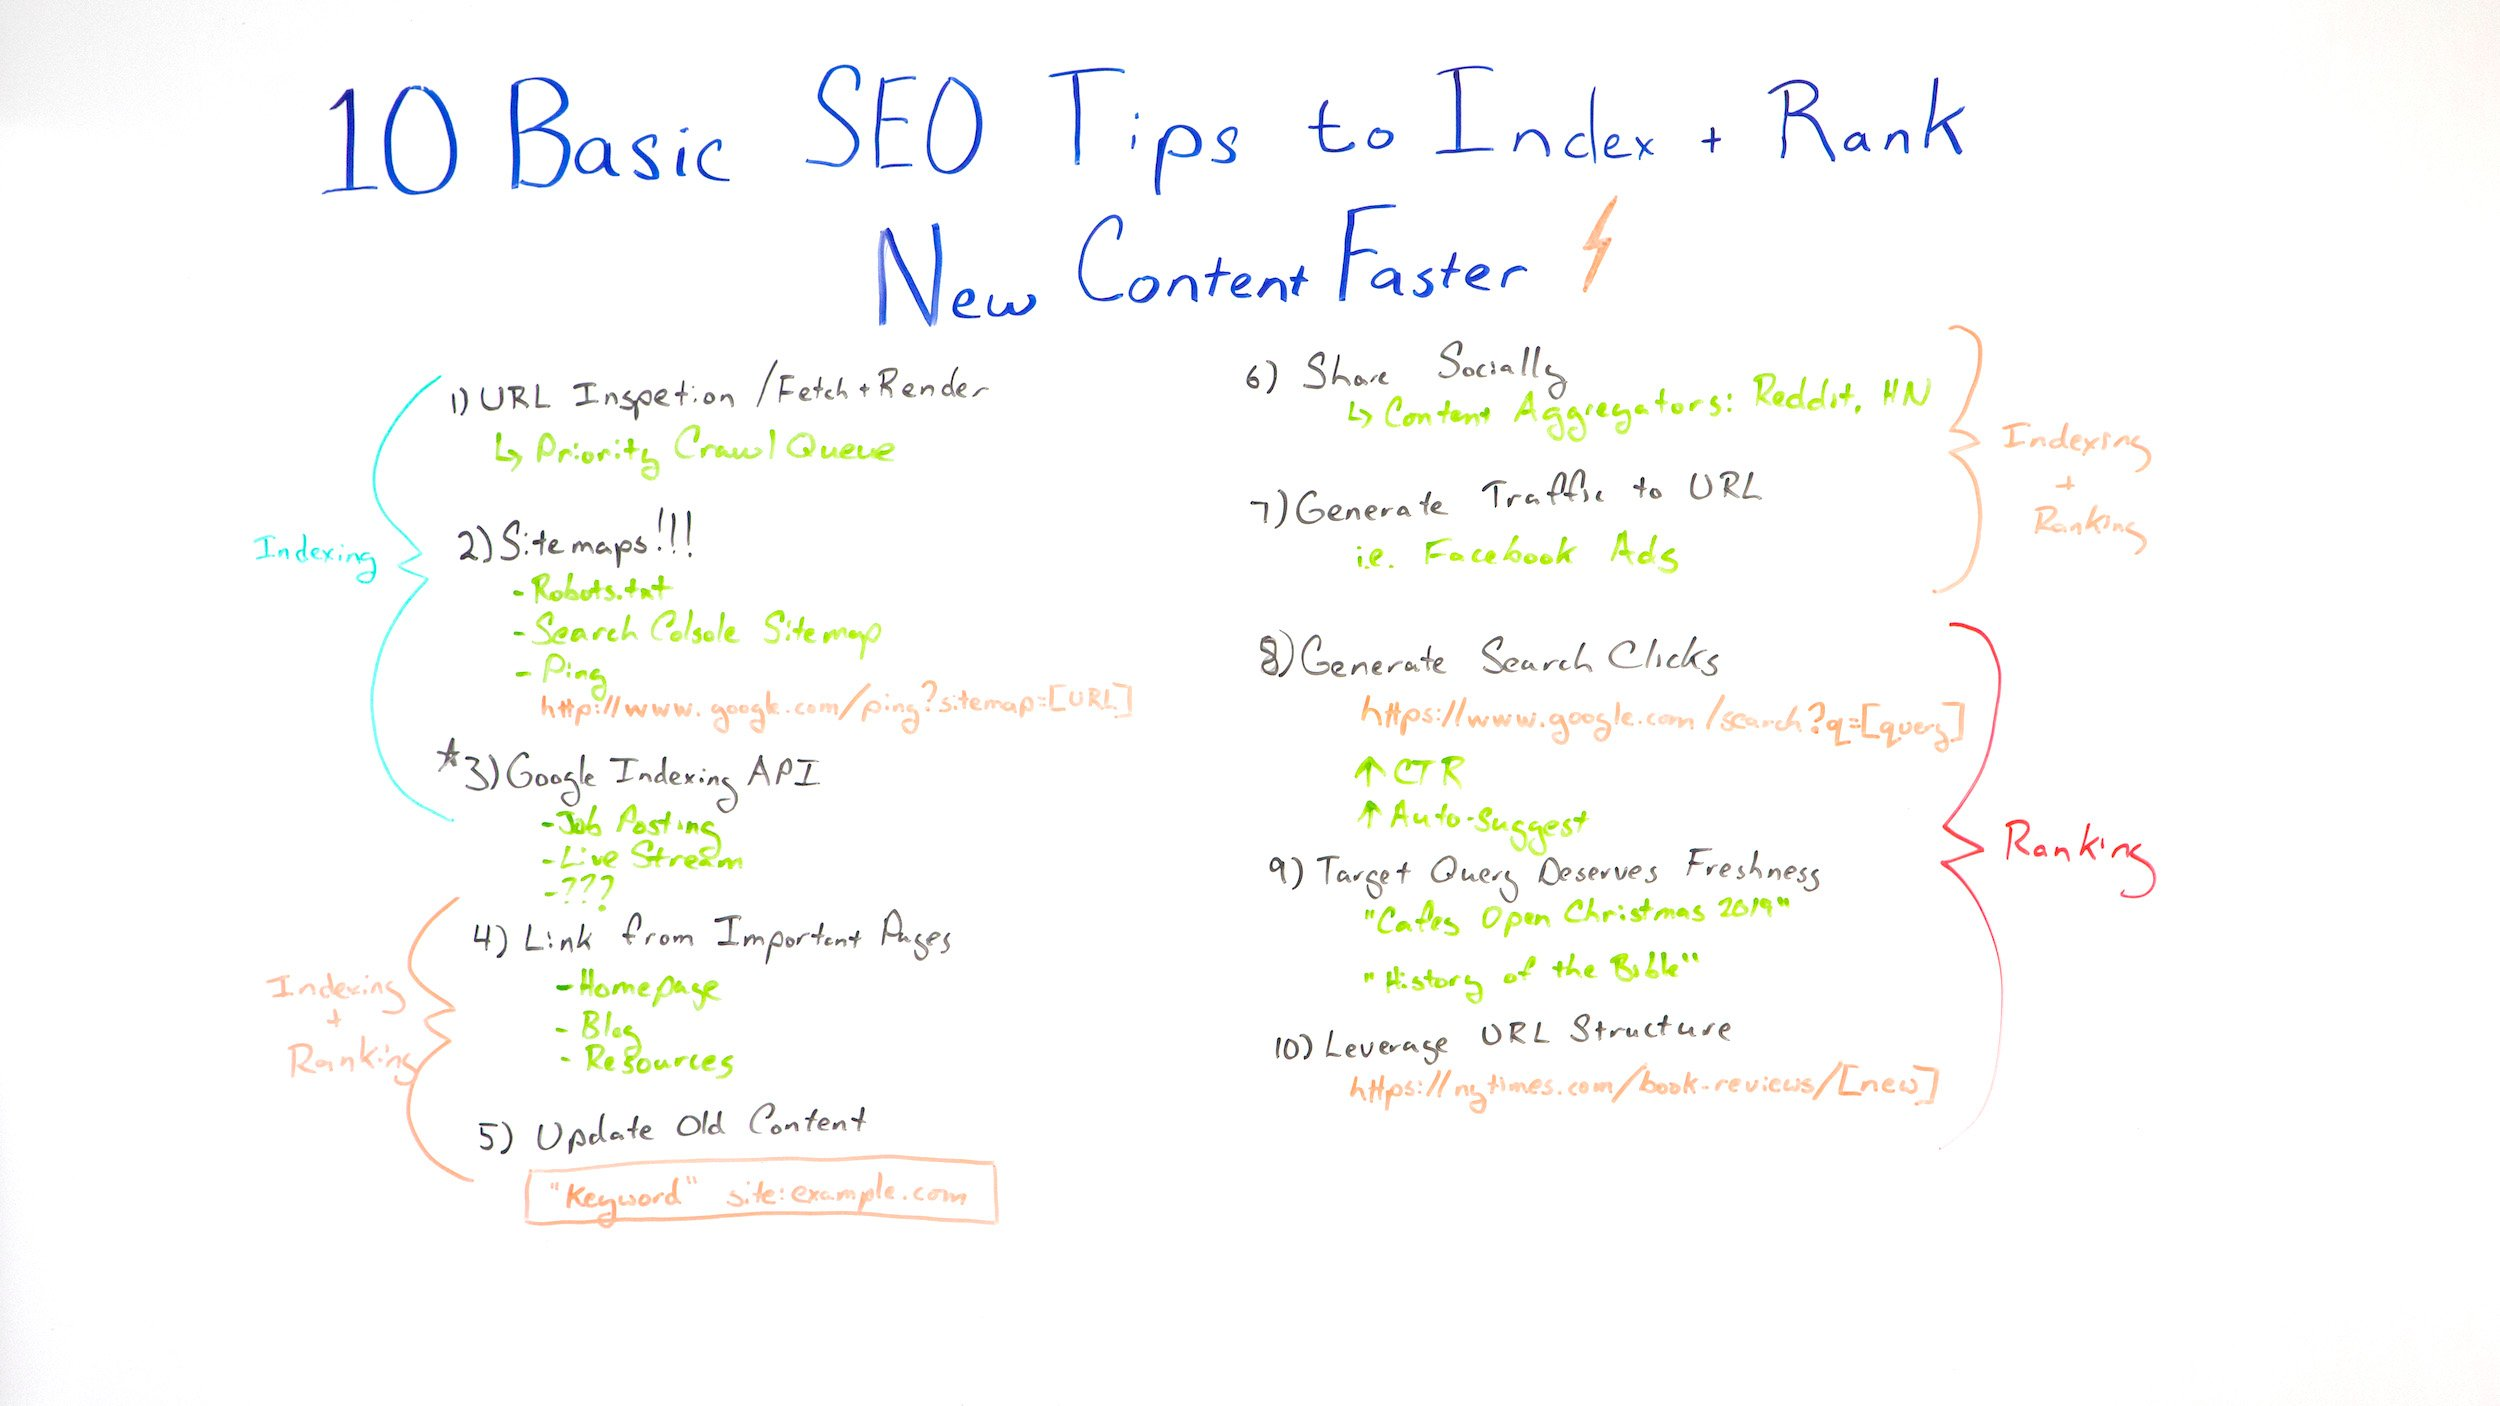 10 conseils de base sur le référencement pour indexer et classer plus rapidement le nouveau contenu – Best of Whiteboard Friday